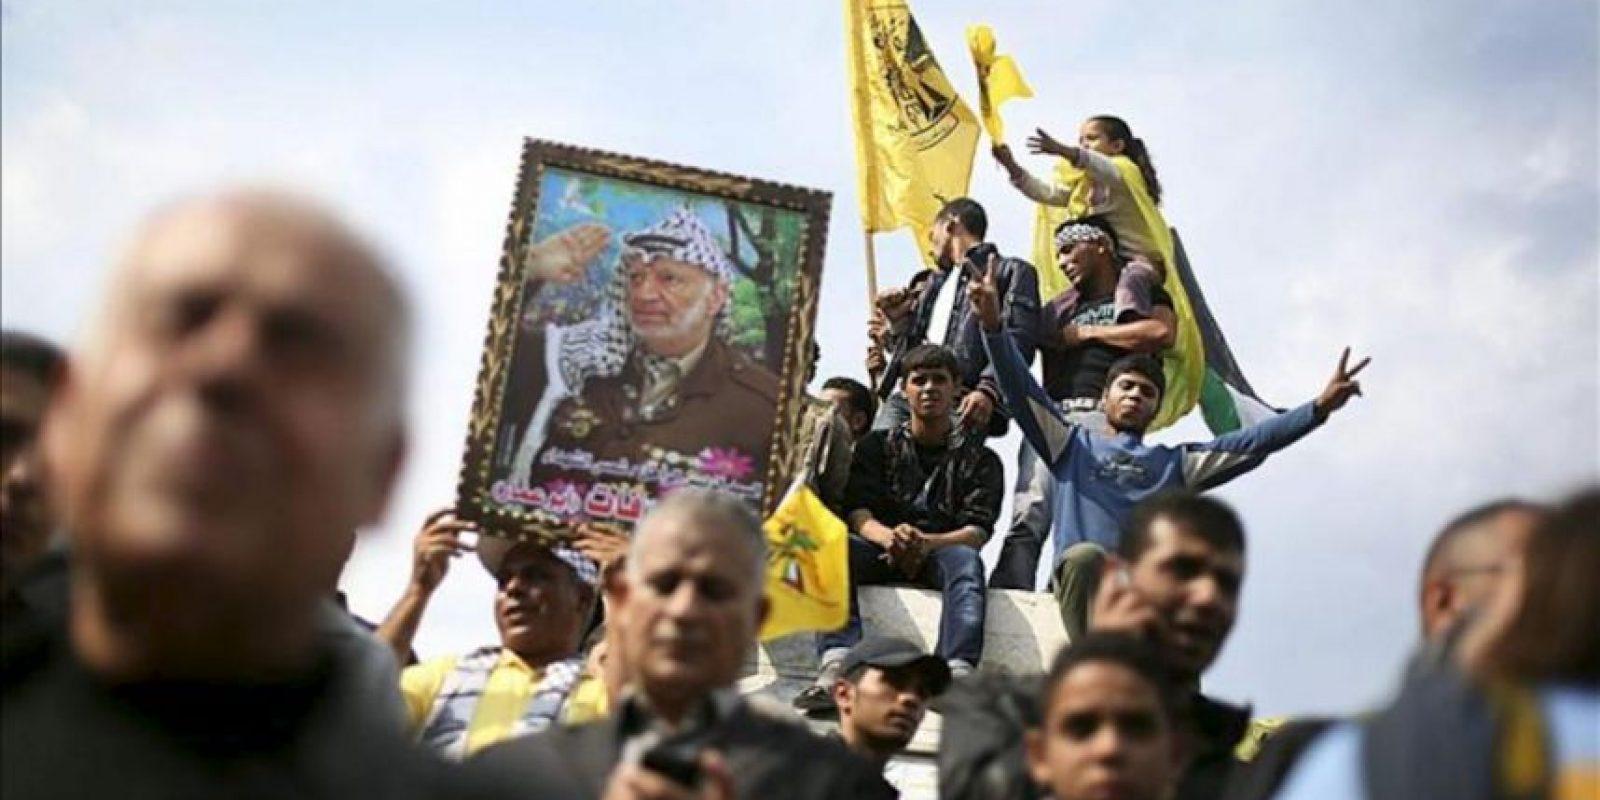 Varias personas celebran el anuncio del alto el fuego en la ciudad de Gaza, Gaza hoy 22 de noviembre de 2012. EFE